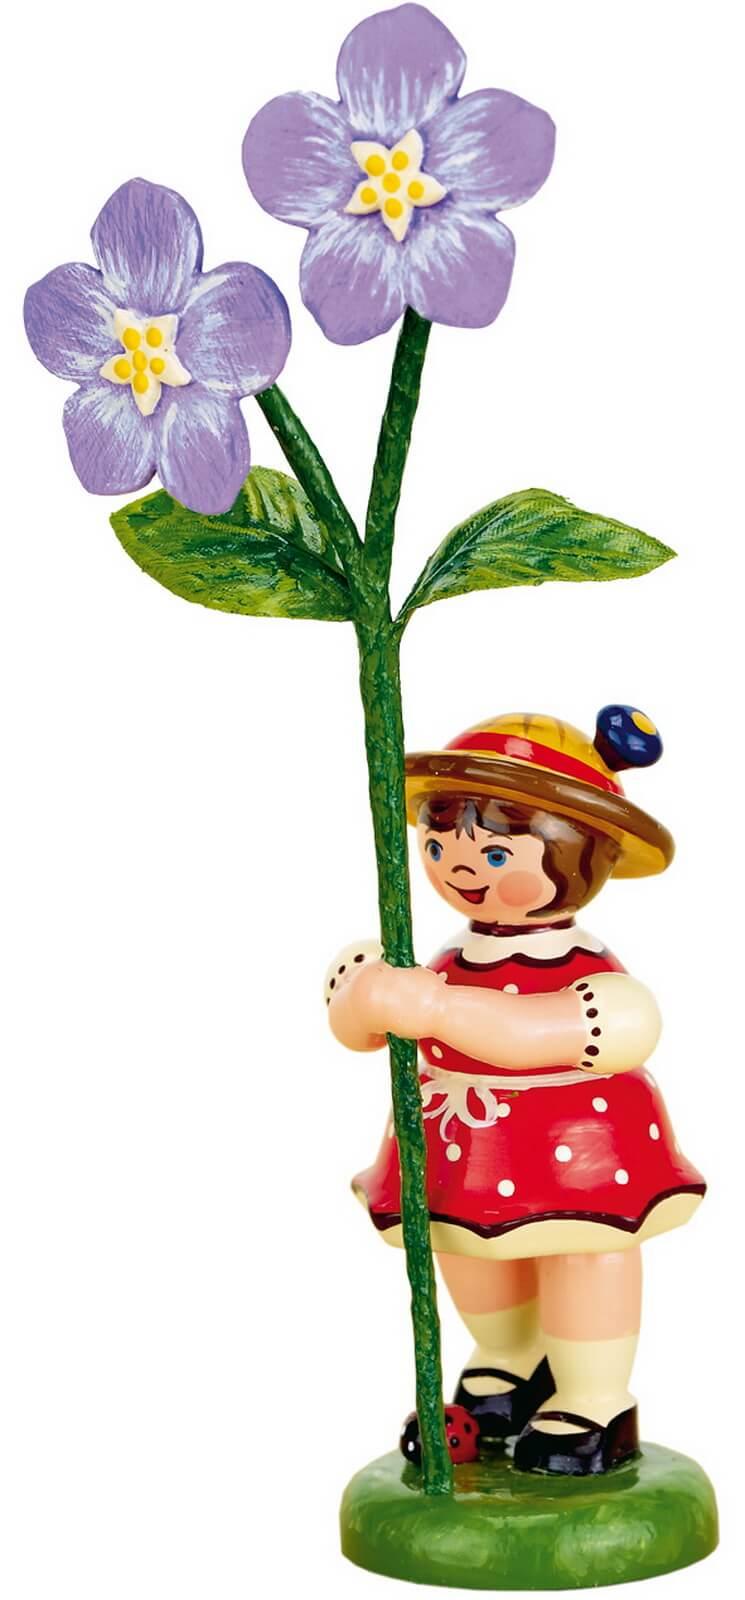 Blumenkind mit Flachs, 11 cm von Hubrig Volkskunst GmbH Zschorlau/ Erzgebirge